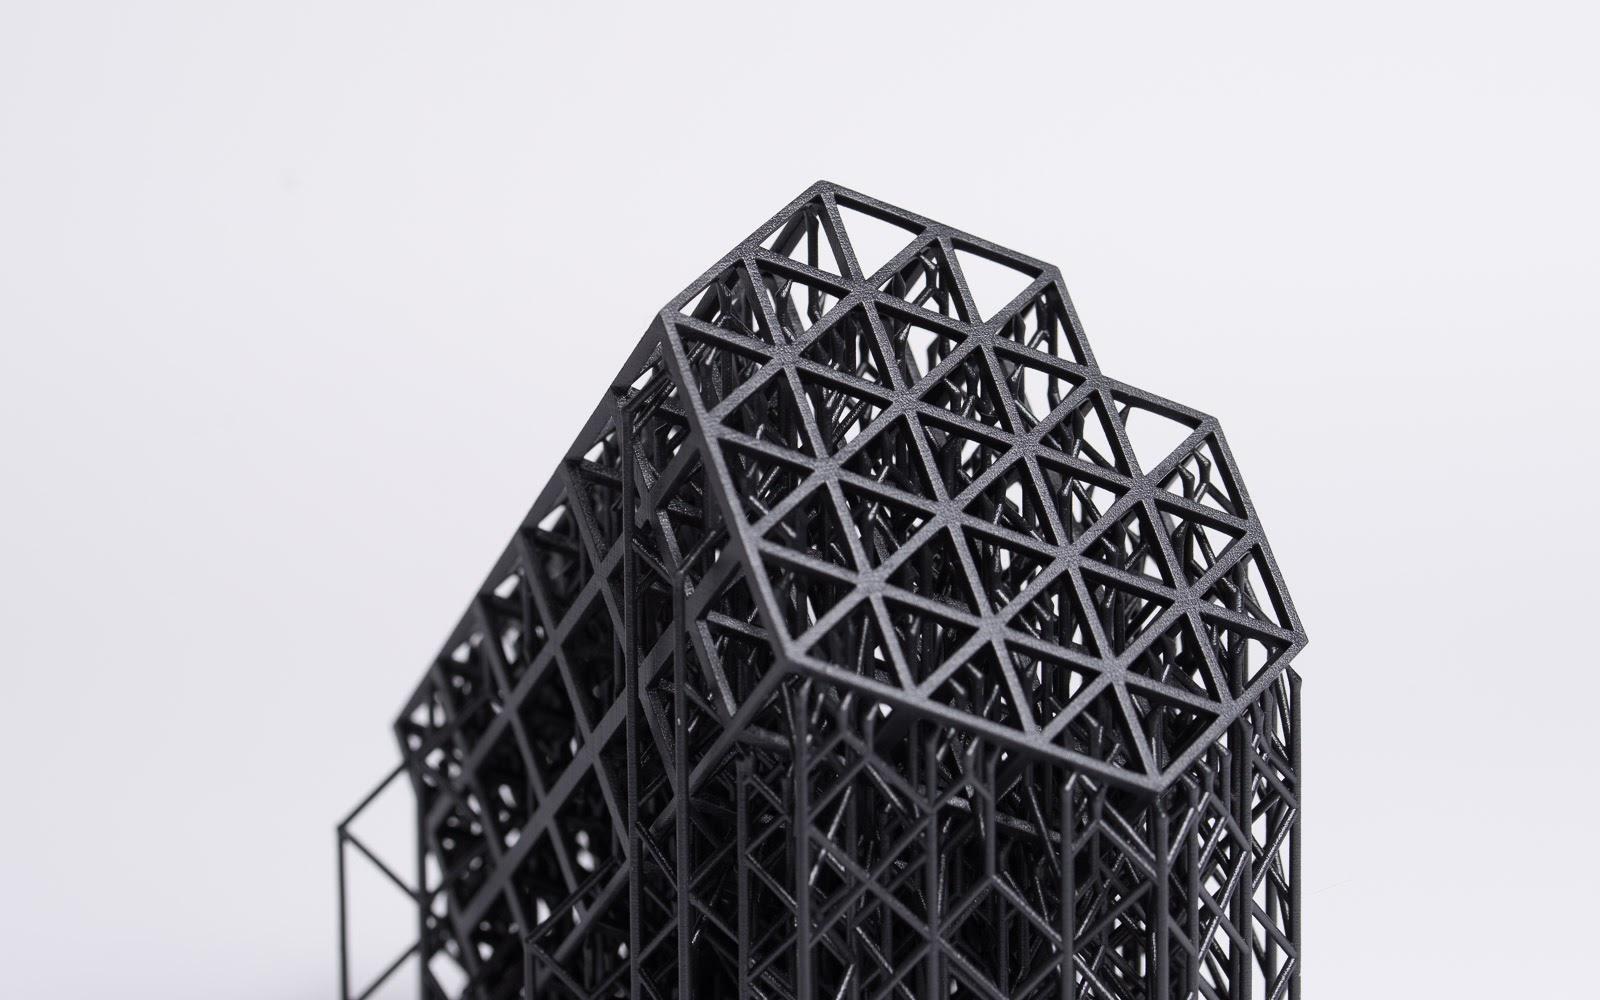 طراحی های پیچیده و مشکل را می توان به آسانی با برخی فناوری های چاپ سه بعدی تولید کرد